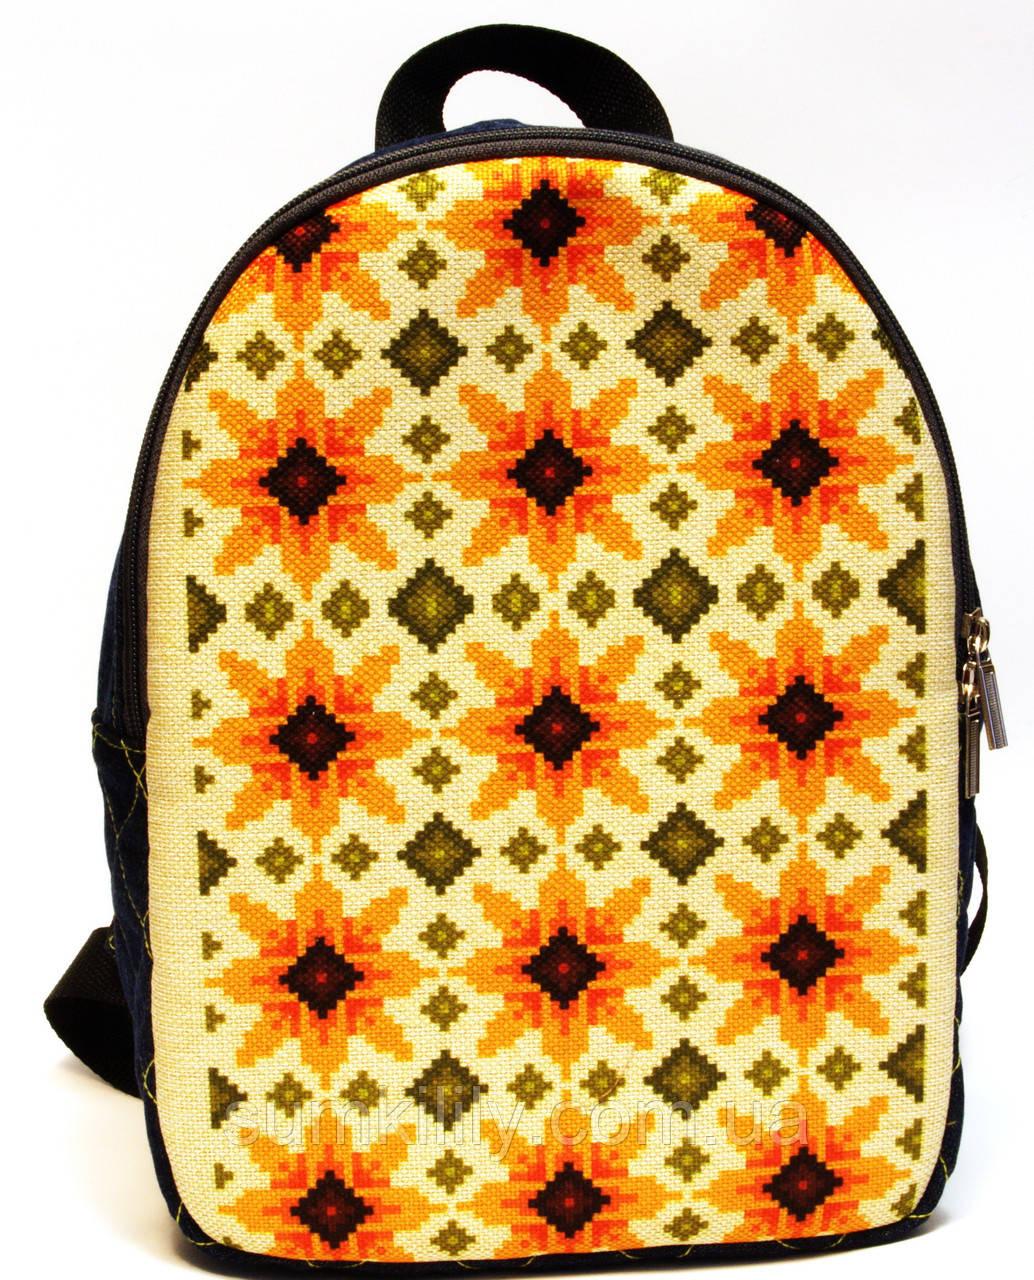 Джинсовый рюкзак Тарасовка